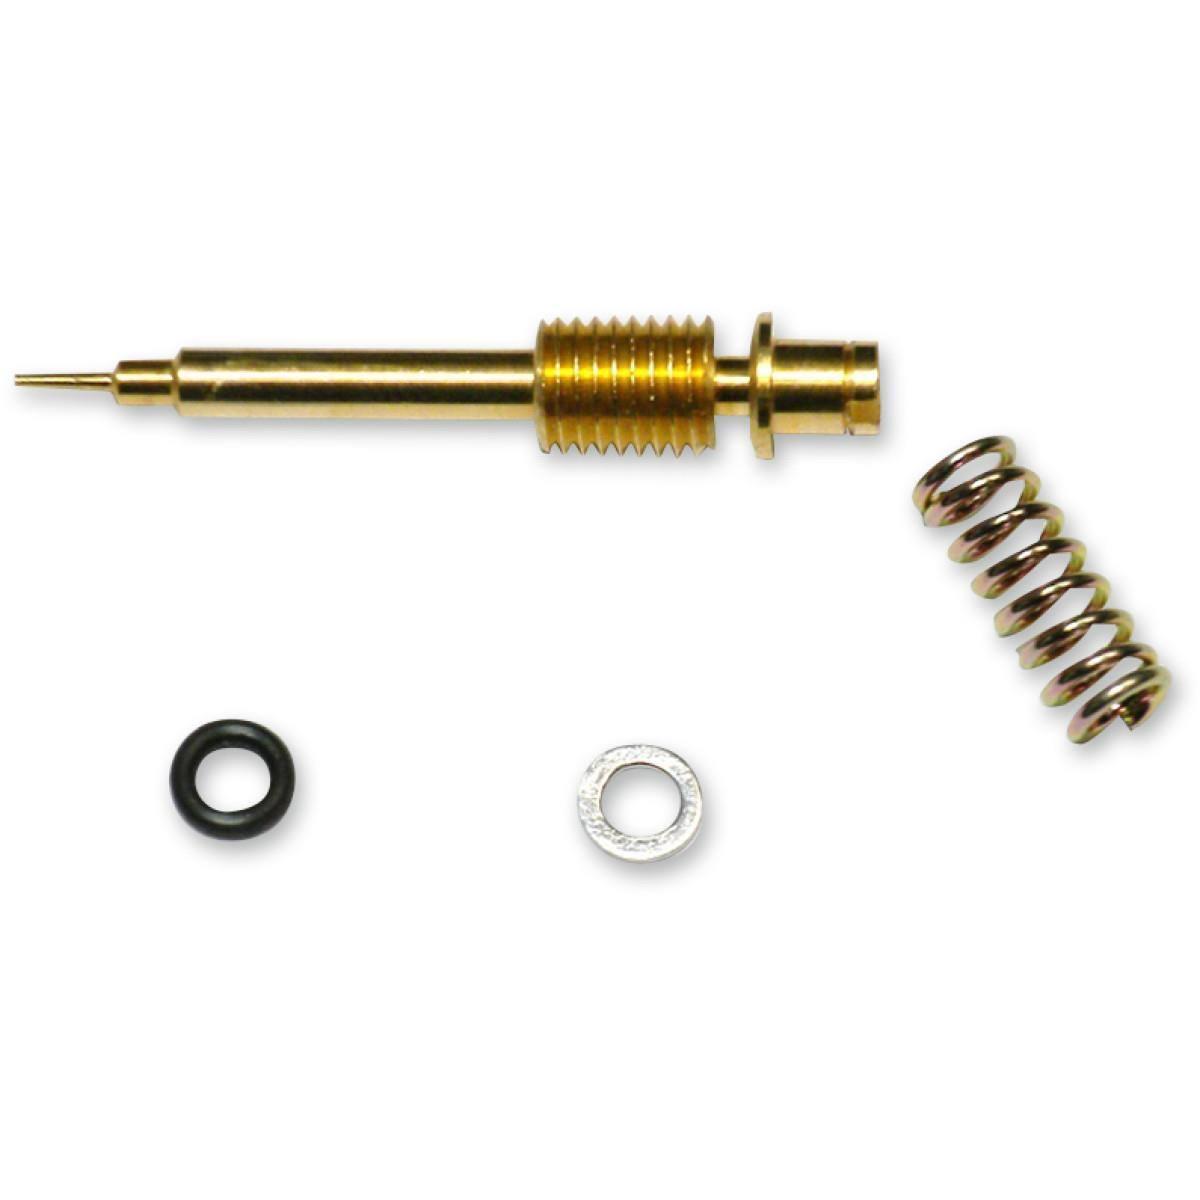 Carburetor Air/Fuel Mixture Screw Kit